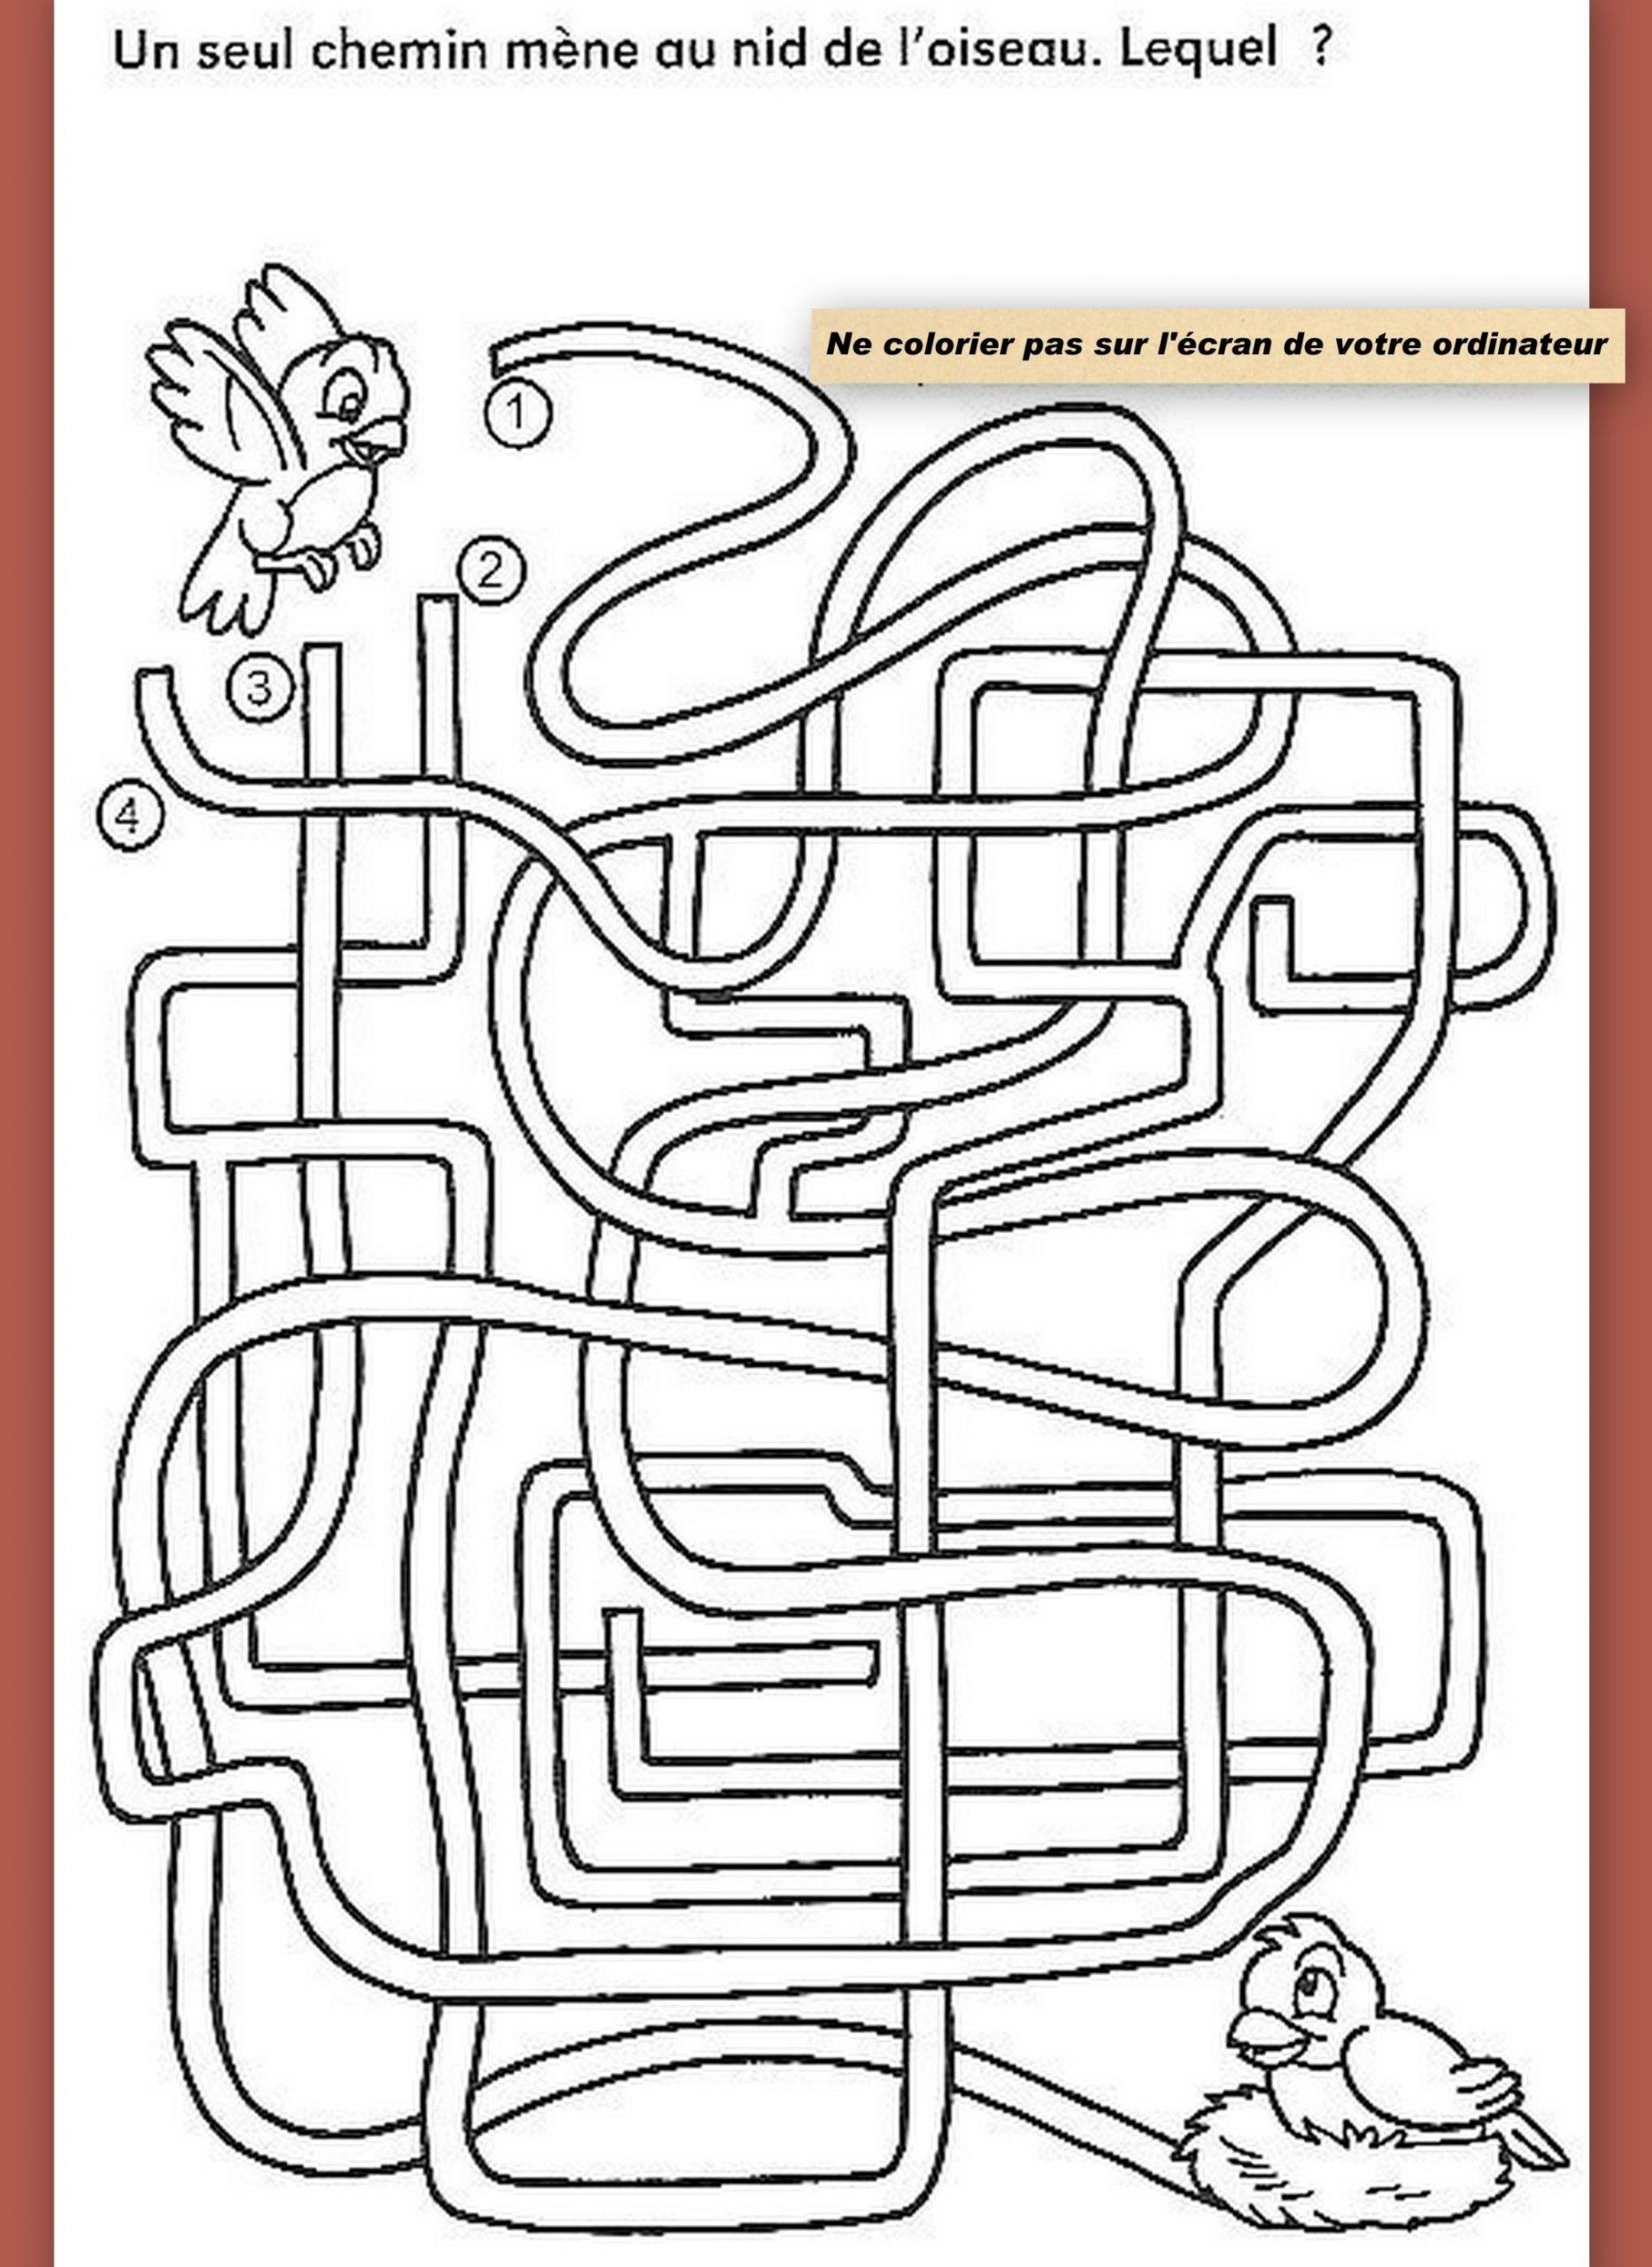 Jeu Gratuit En Ligne Pour Enfant dedans Sudoku Gratuit En Ligne Facile